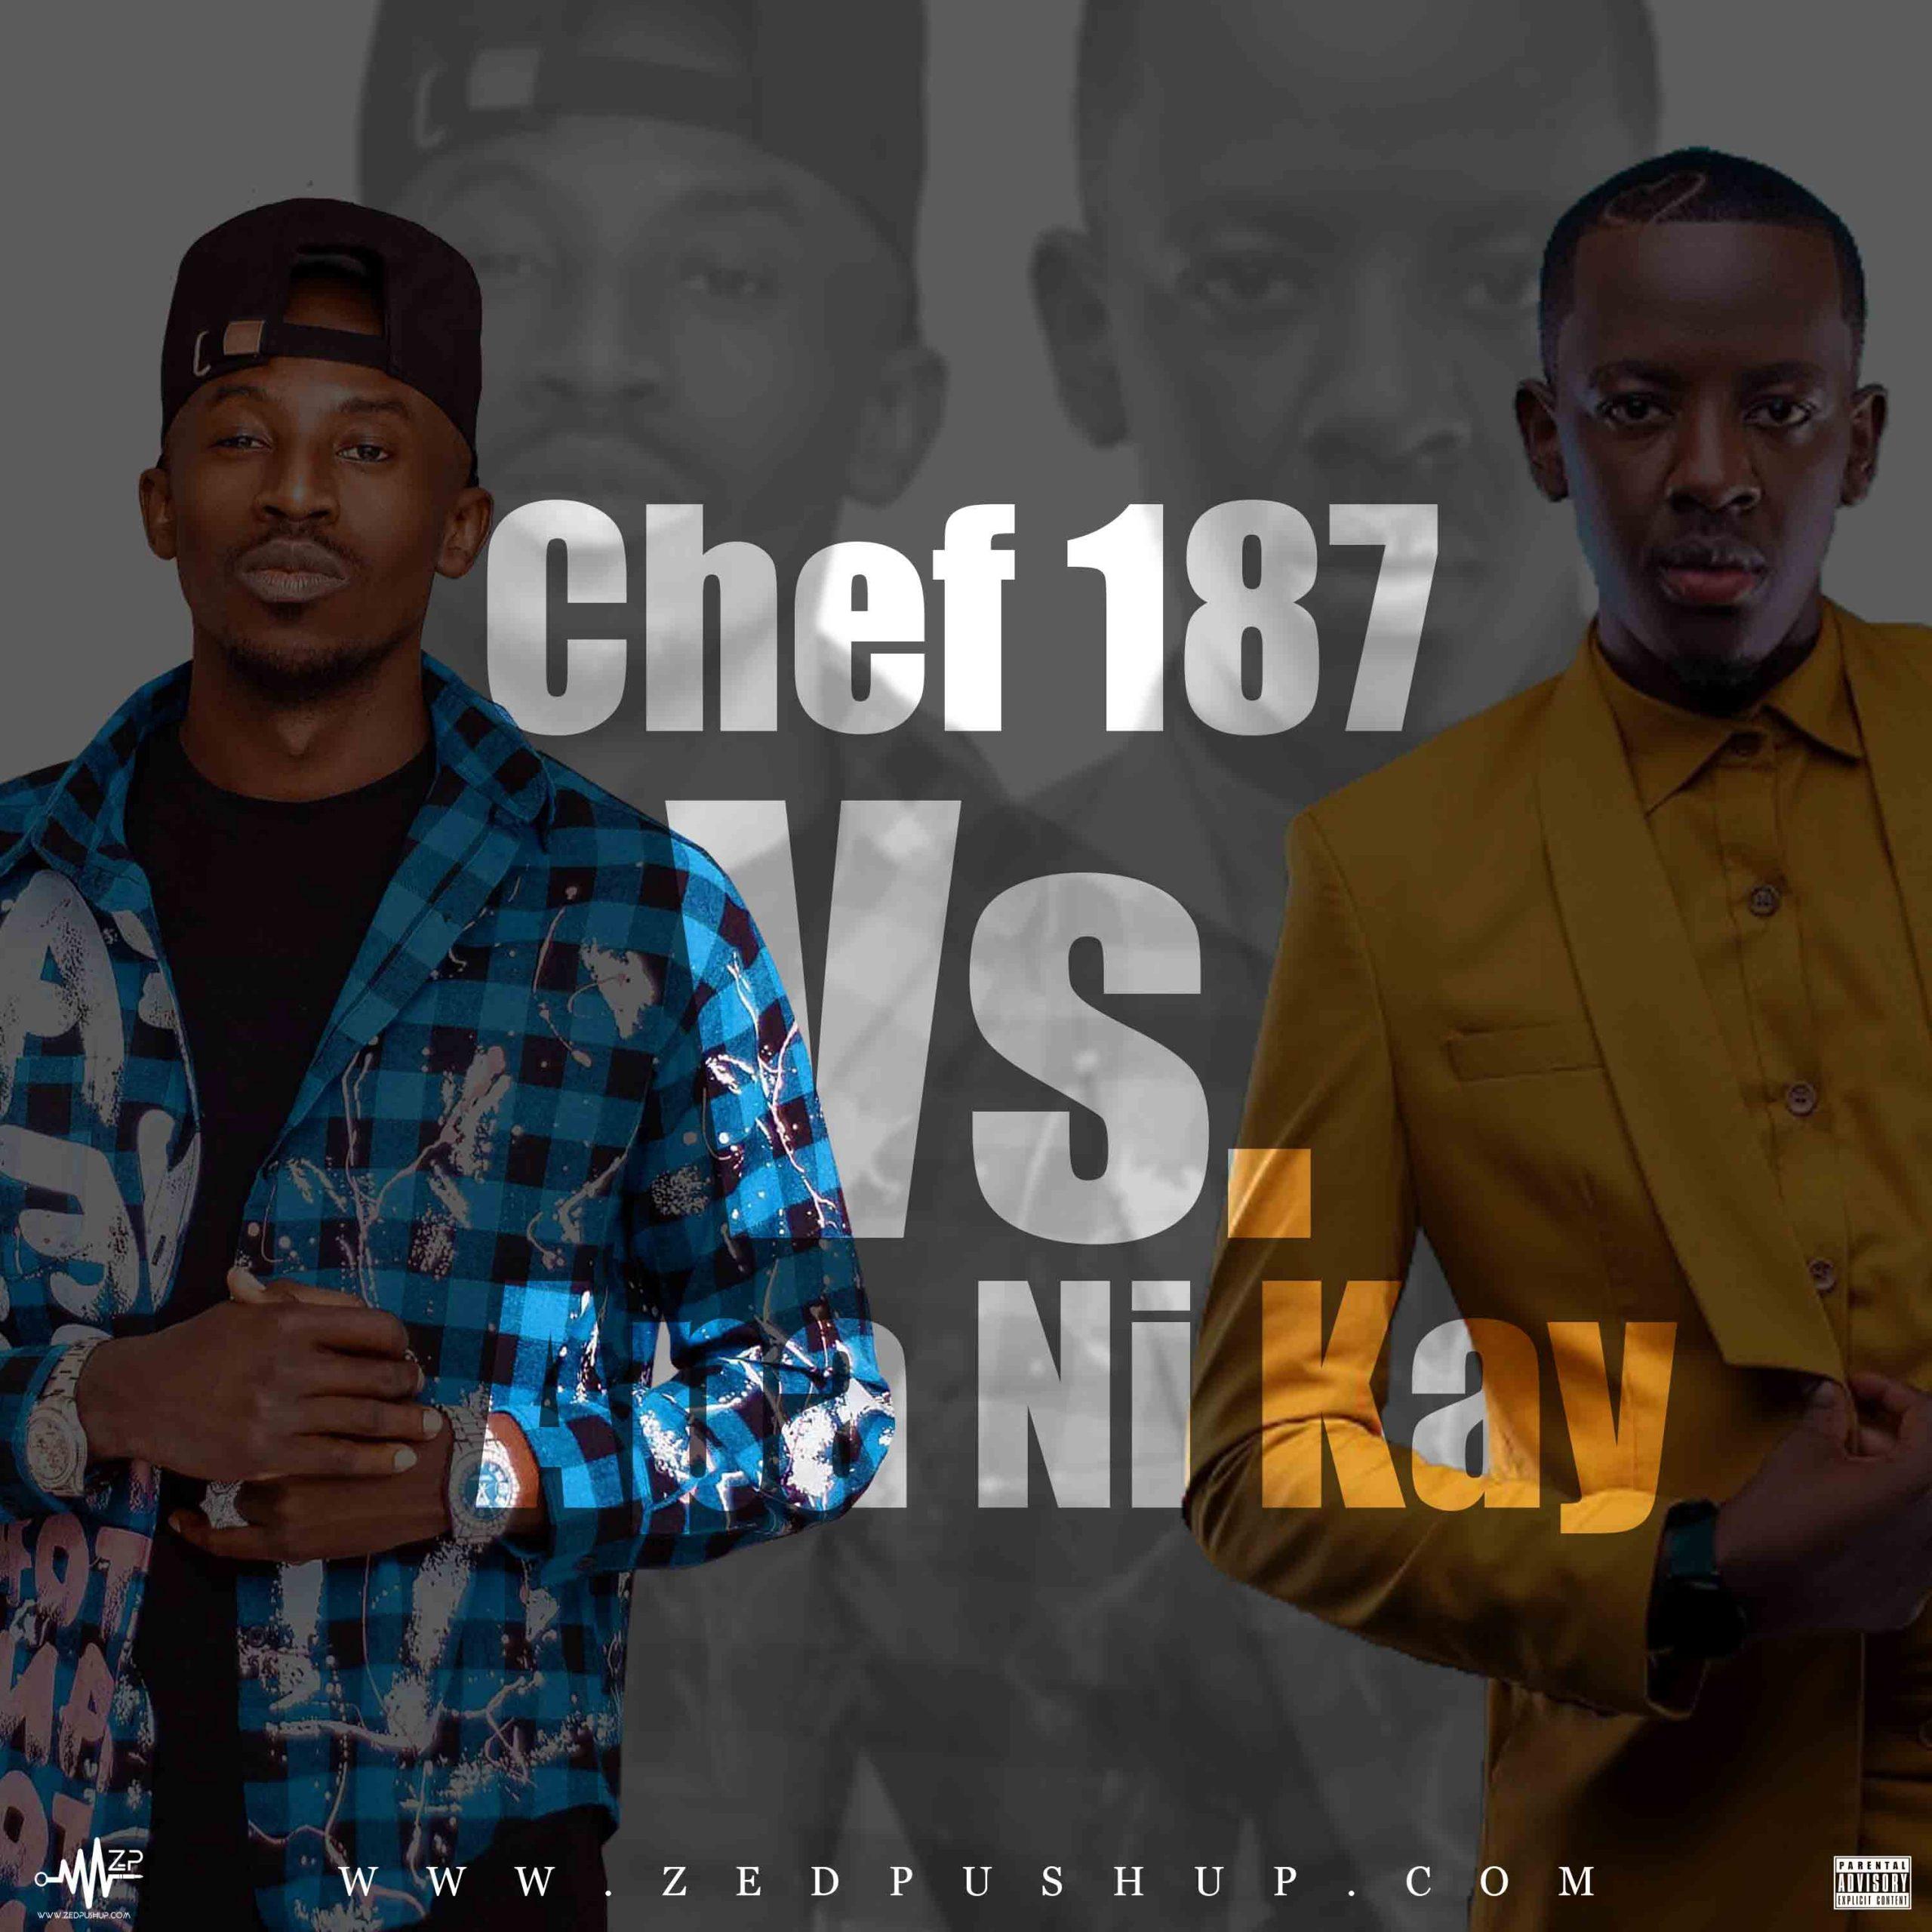 Chef 187 Vs. Apa Ni Kay